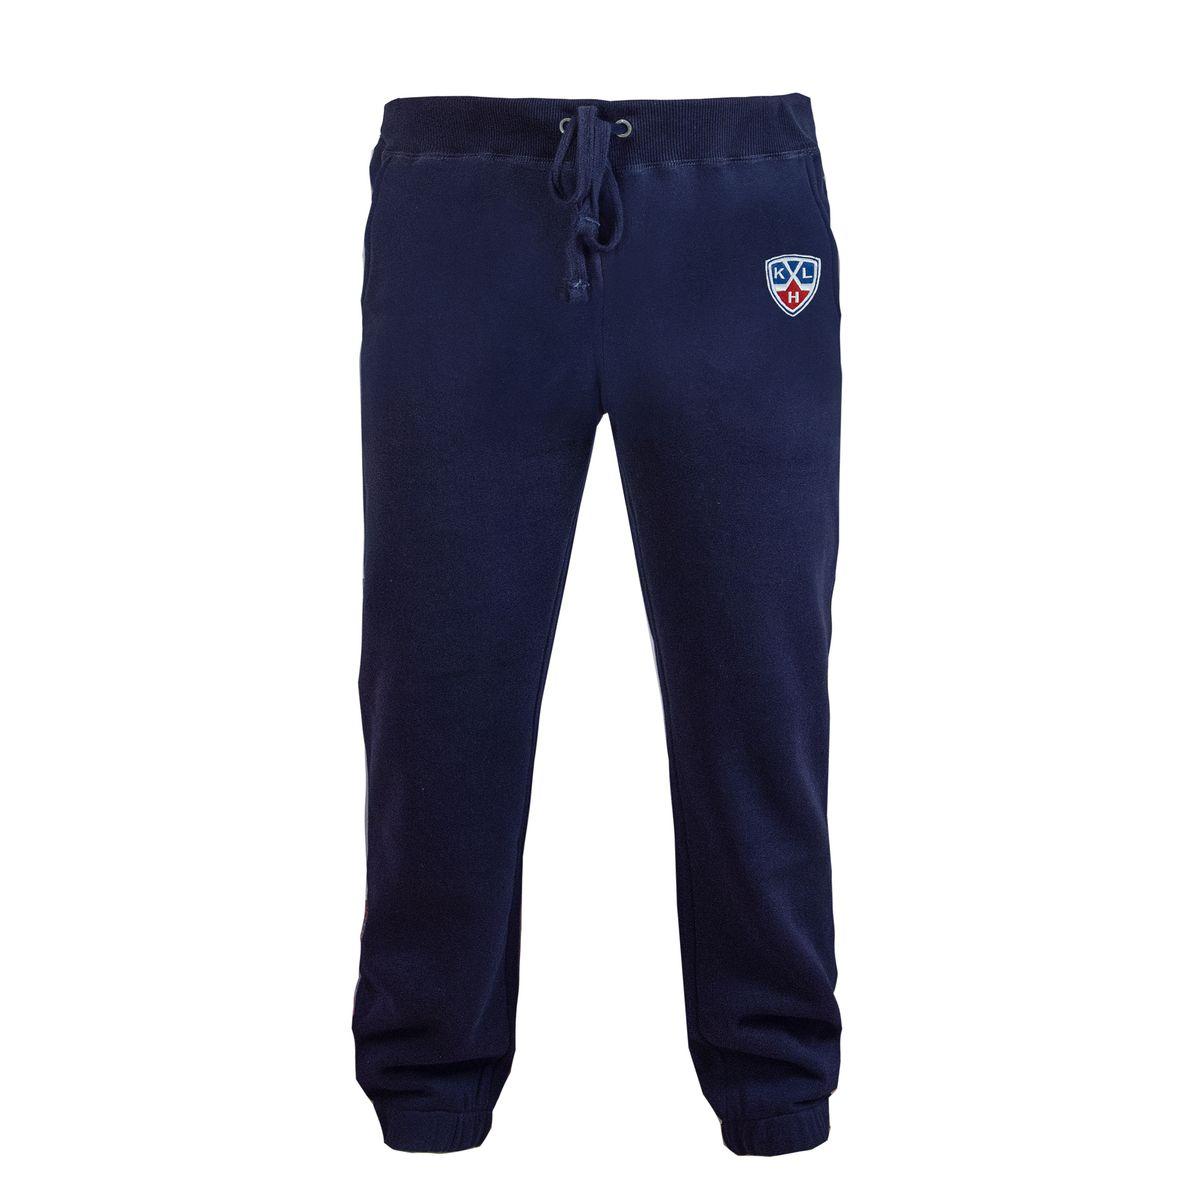 322020Спортивные брюки КХЛ с символикой клуба. Изготовлены из плотного трикотажа с мягкой ворсистой внутренней стороной. Дополнены двумя боковыми карманами и вышивкой.